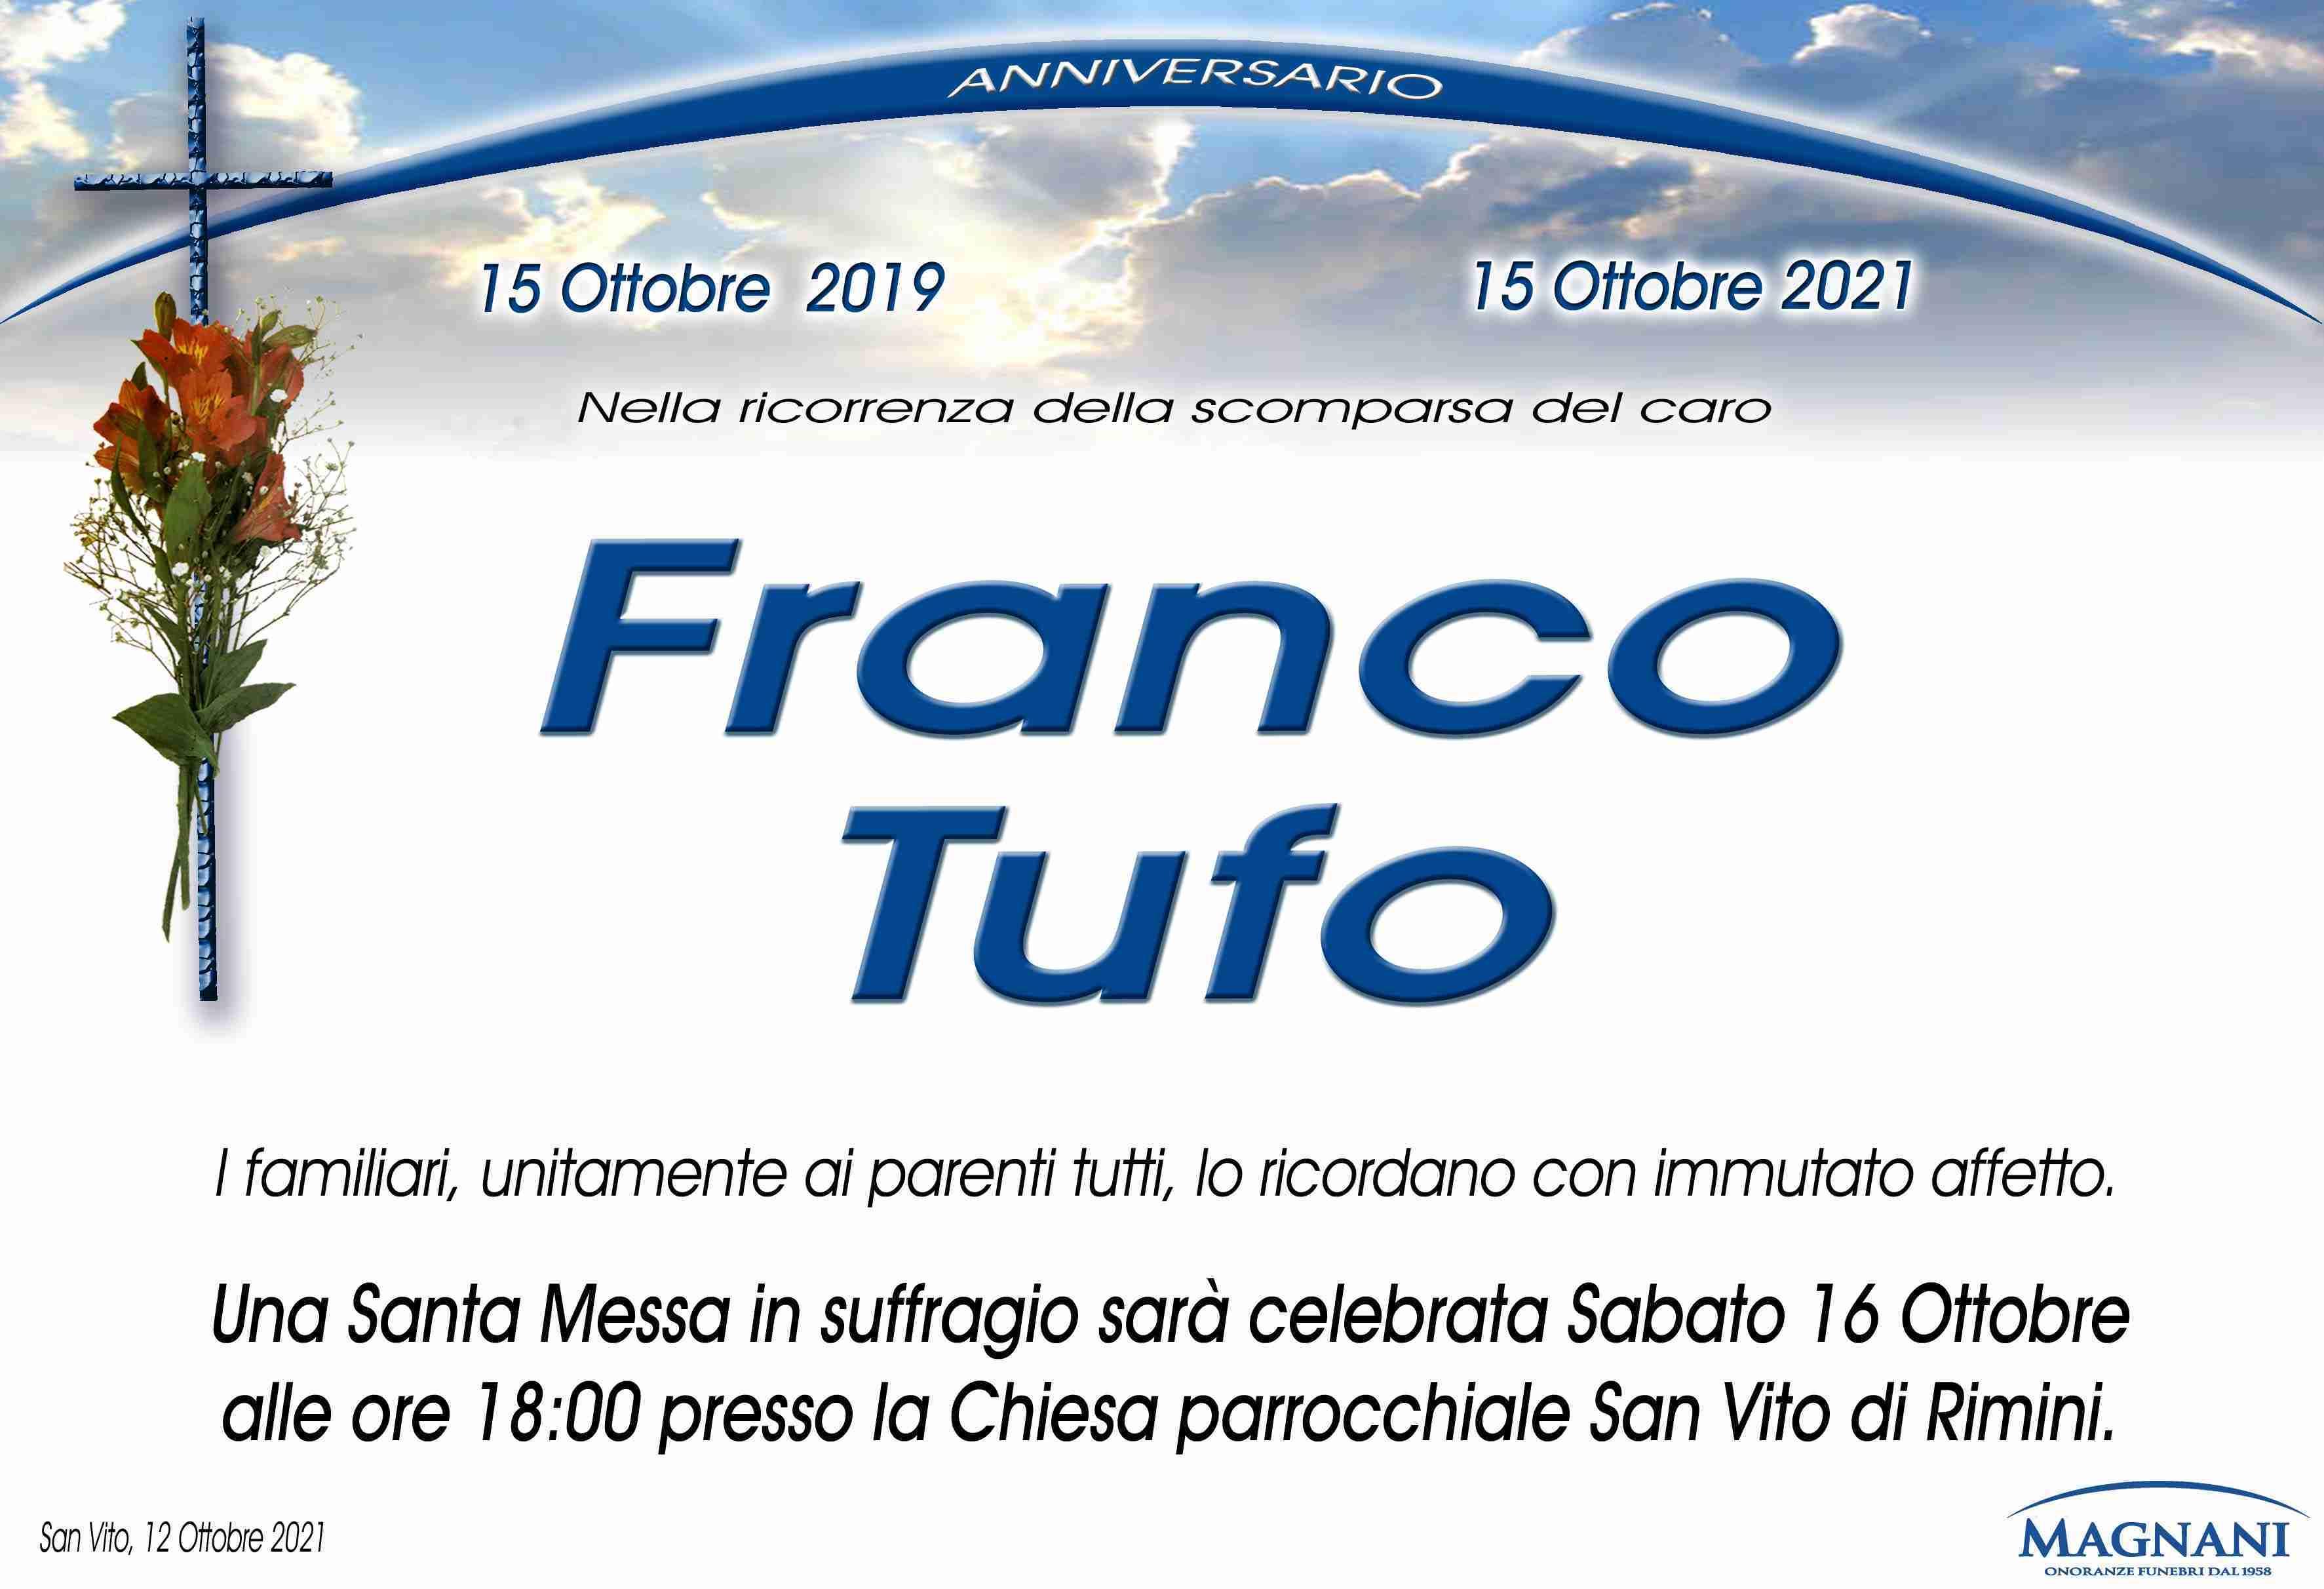 Franco Tufo